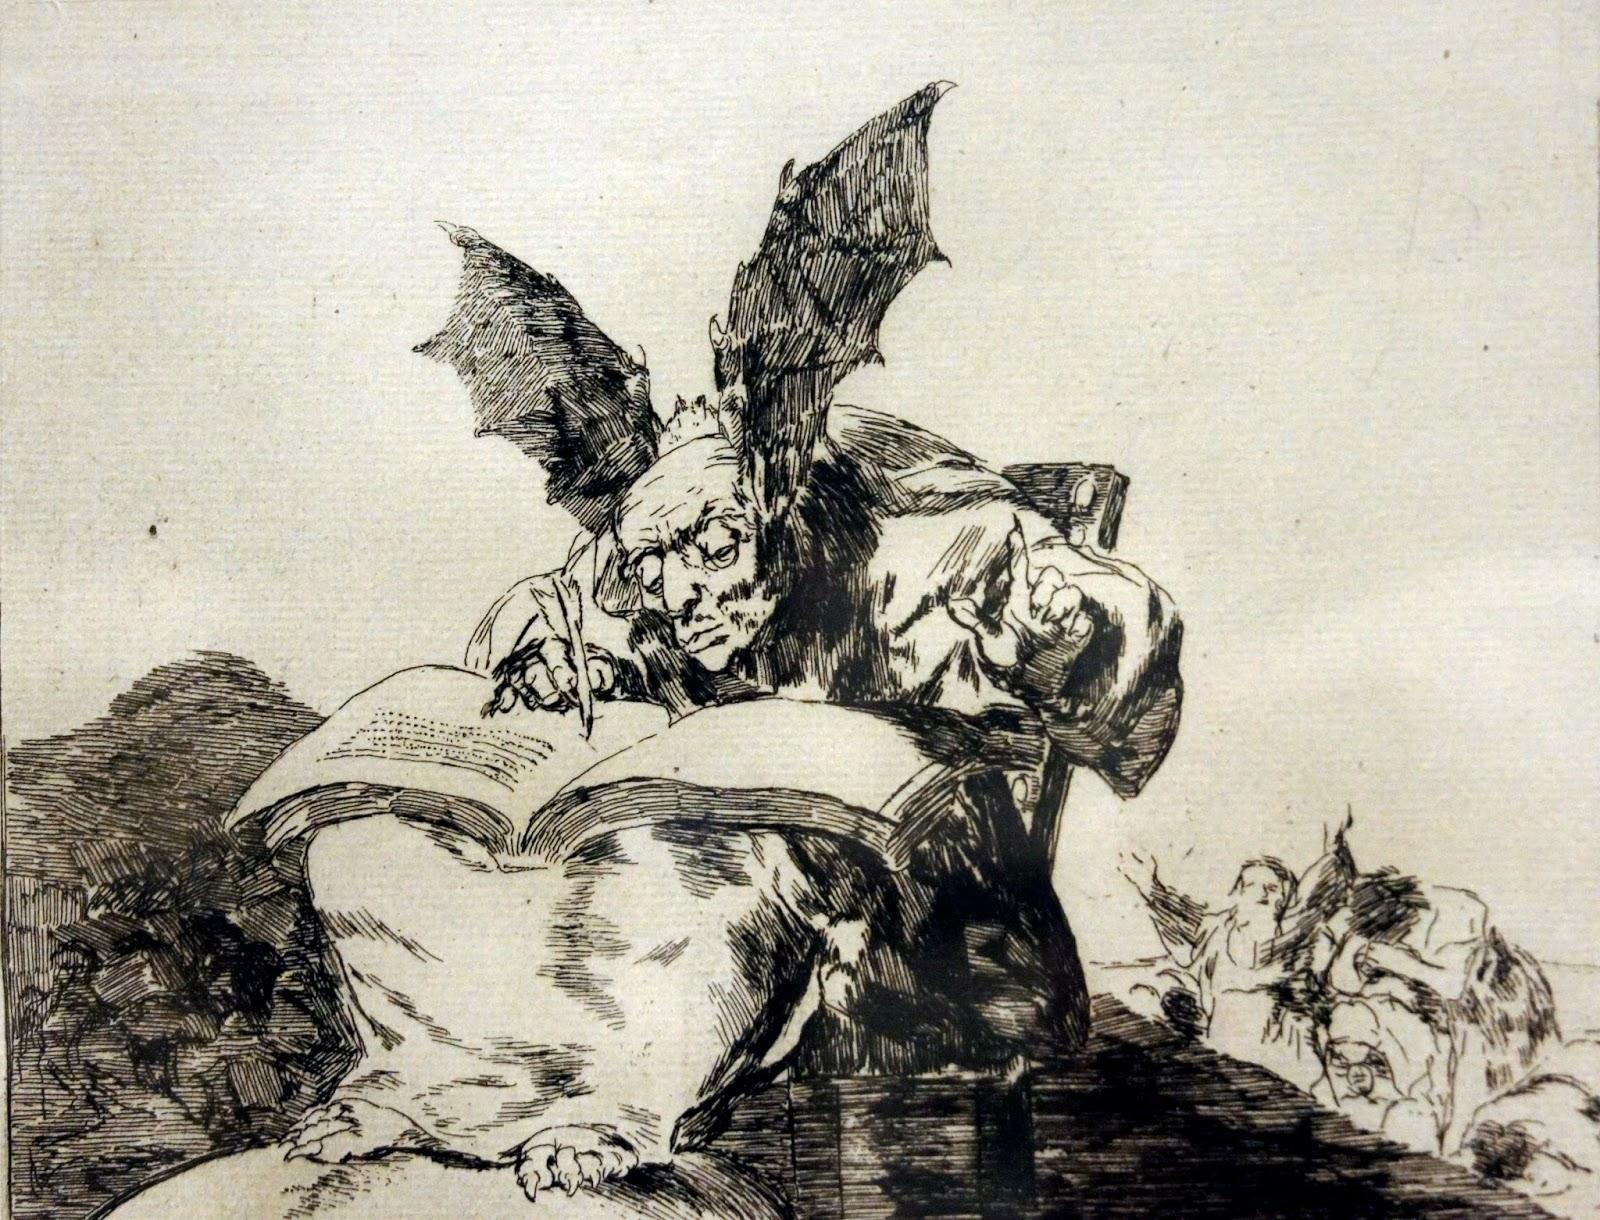 Exposição de gravura com obras do artista Goya.